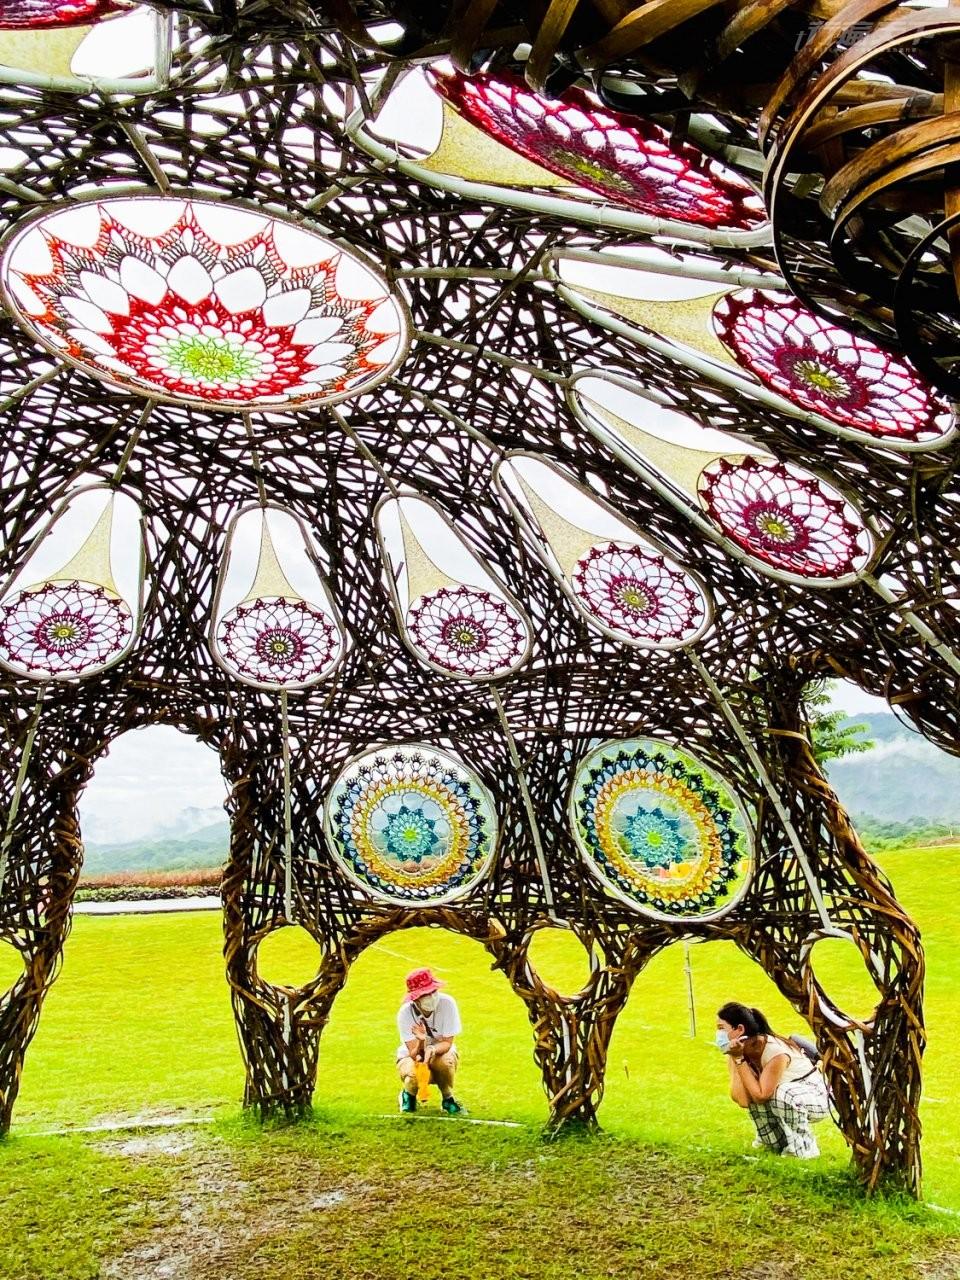 ▲藝術家林純用和楊海茜共創的《穹頂上有花》,是《縱谷大地藝術季—漂鳥197》其中一個作品。